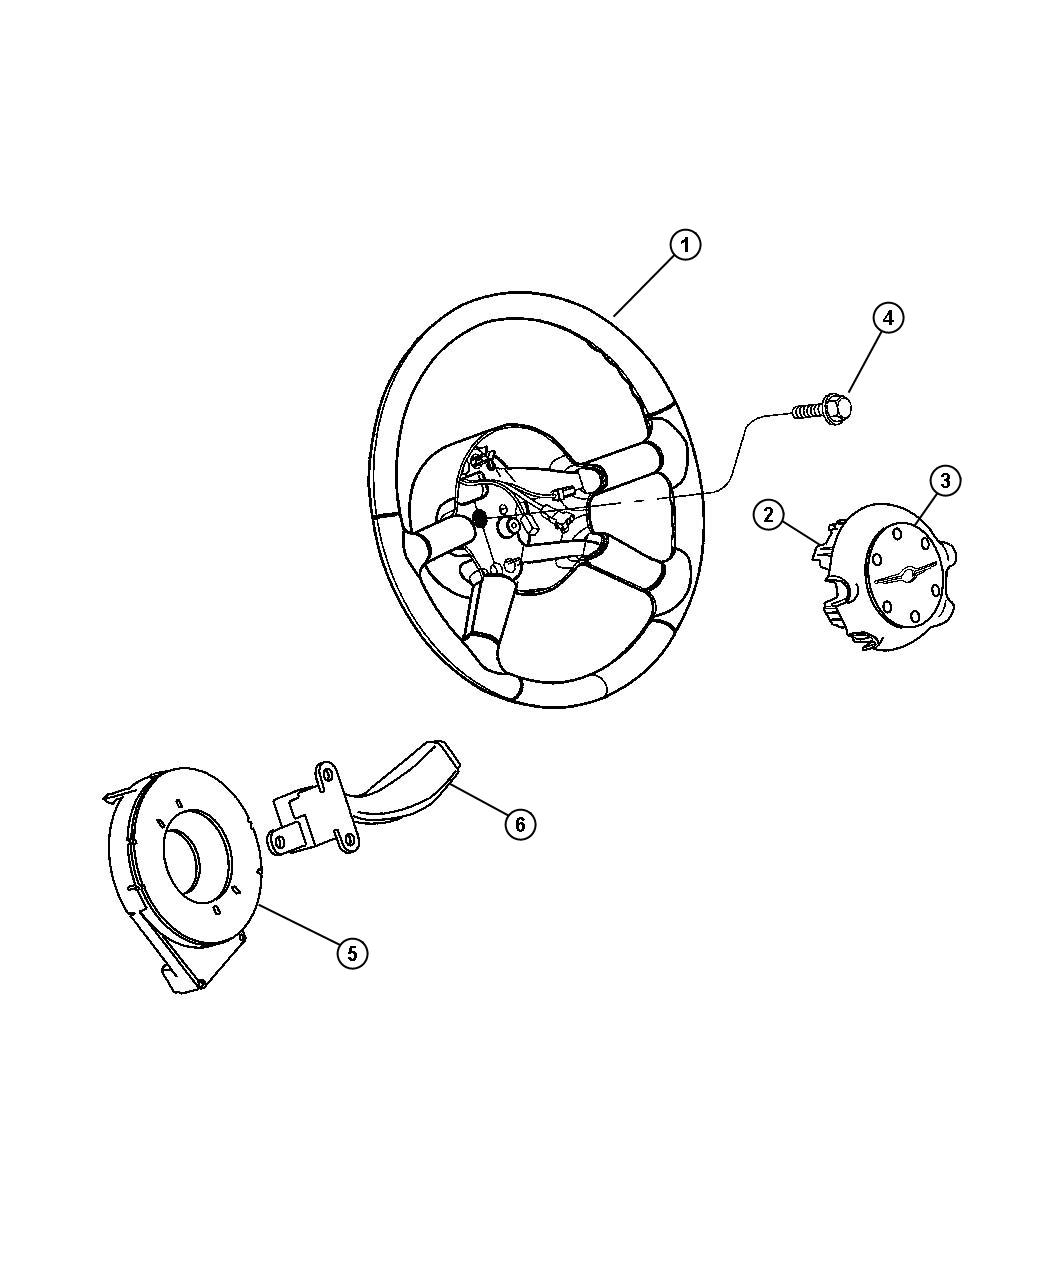 Chrysler Pt Cruiser Wheel Steering Trim All Trim Codes